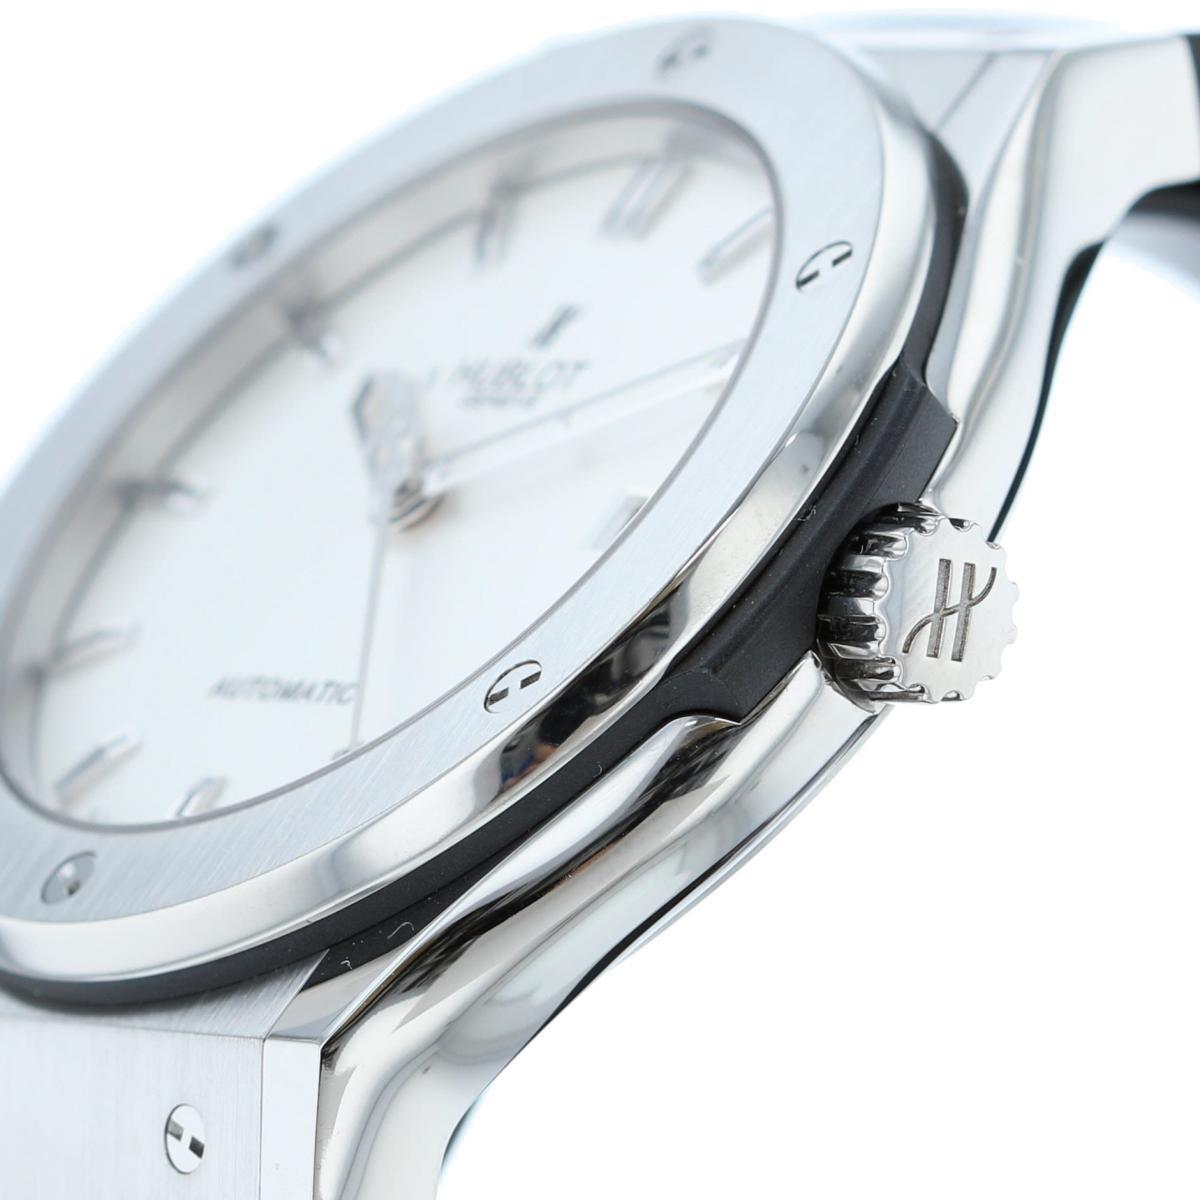 【SALE】HUBLOT ウブロ クラシックフュージョン チタニウム 時計 自動巻き/メンズ クラシックフュージョン White/ホワイト 542.NX.2610.LR used:A